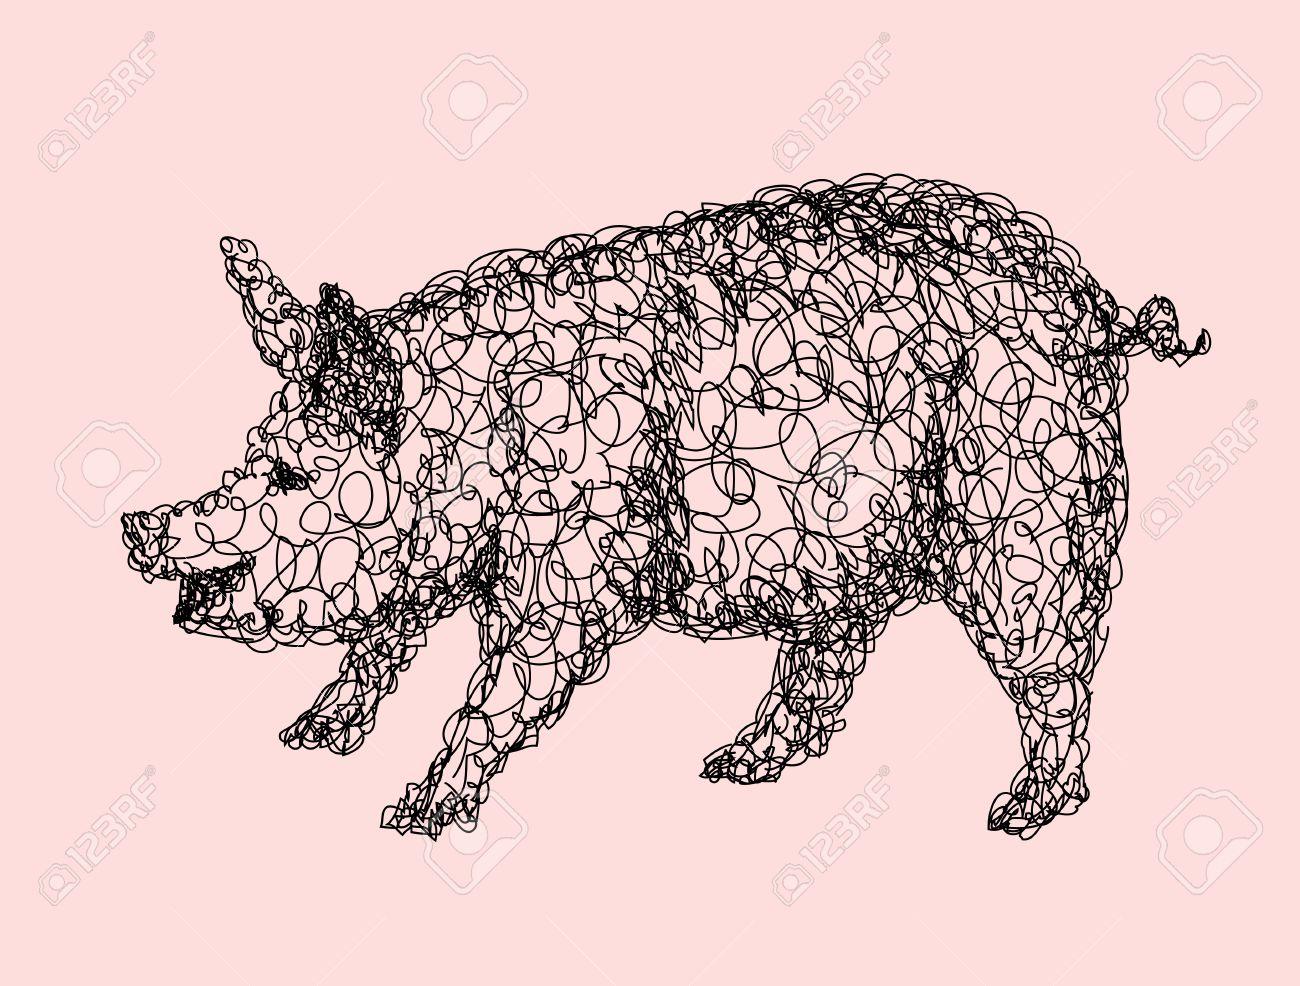 Pig Style Doodle Résumé Animal Dessin Noir Et Blanc Bon Usage Pour Illustration Symbole Mascotte Icône Ou De Toute Conception Que Vous Voulez